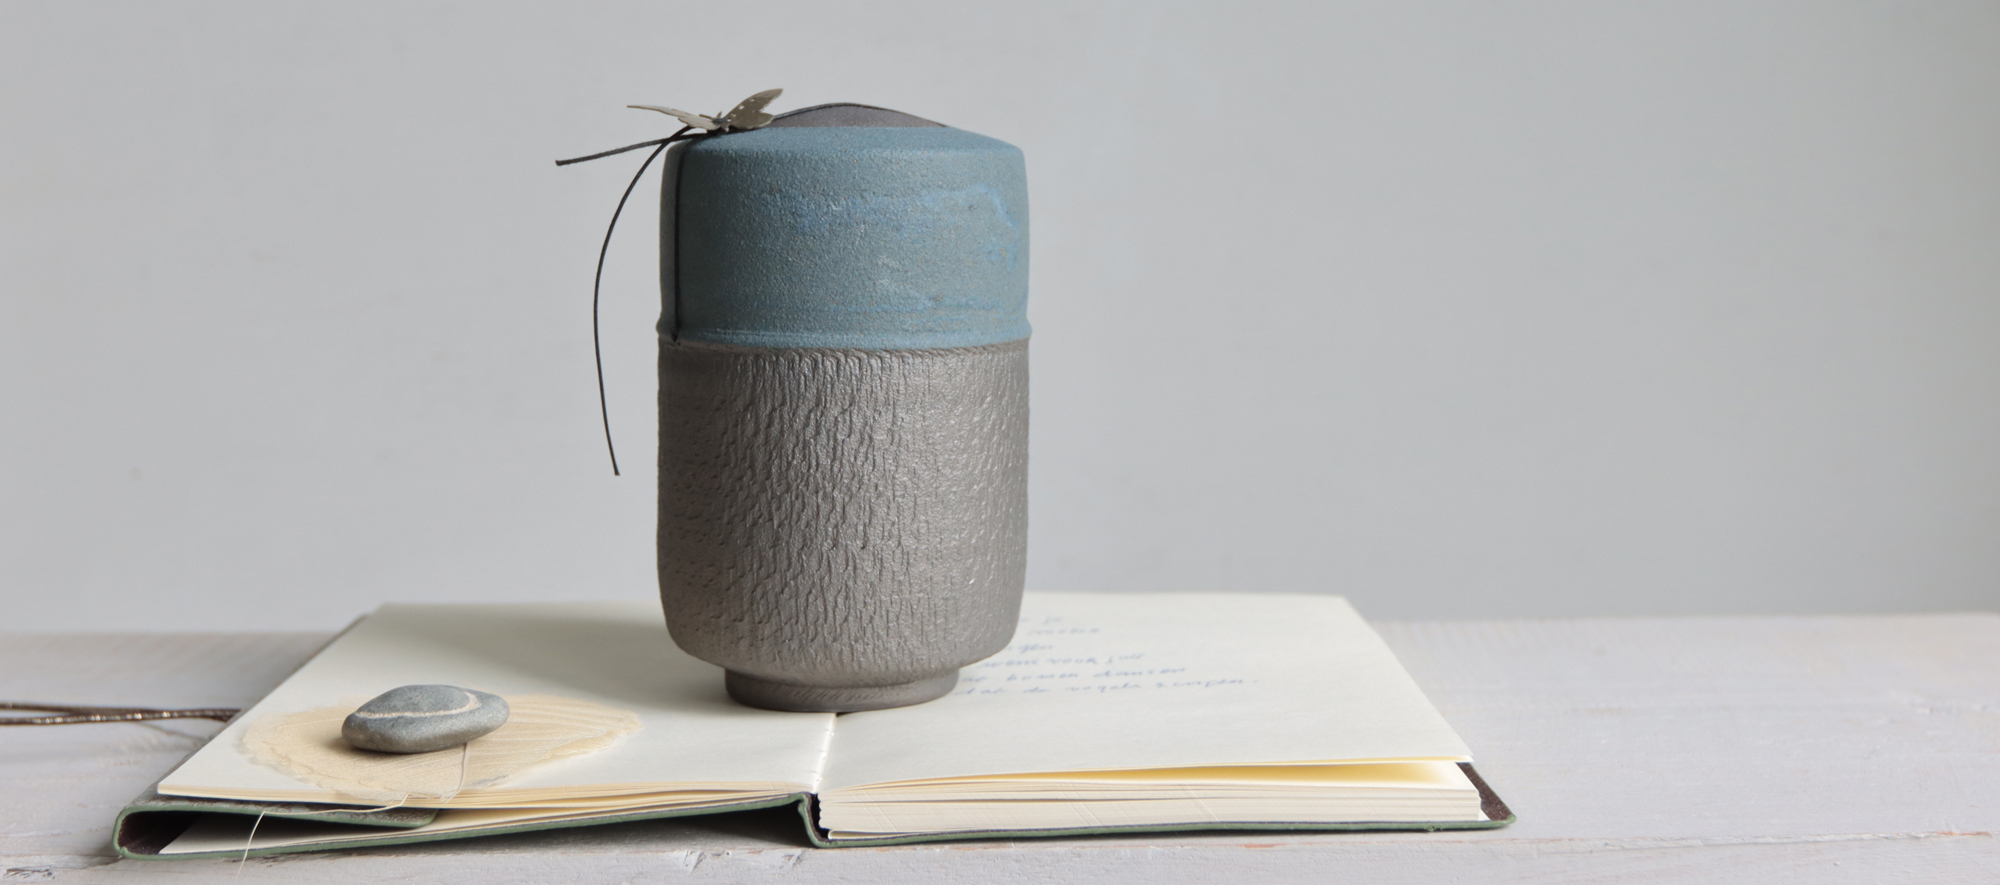 Mini urns - Marjoke de Heer Keramiek Atelier